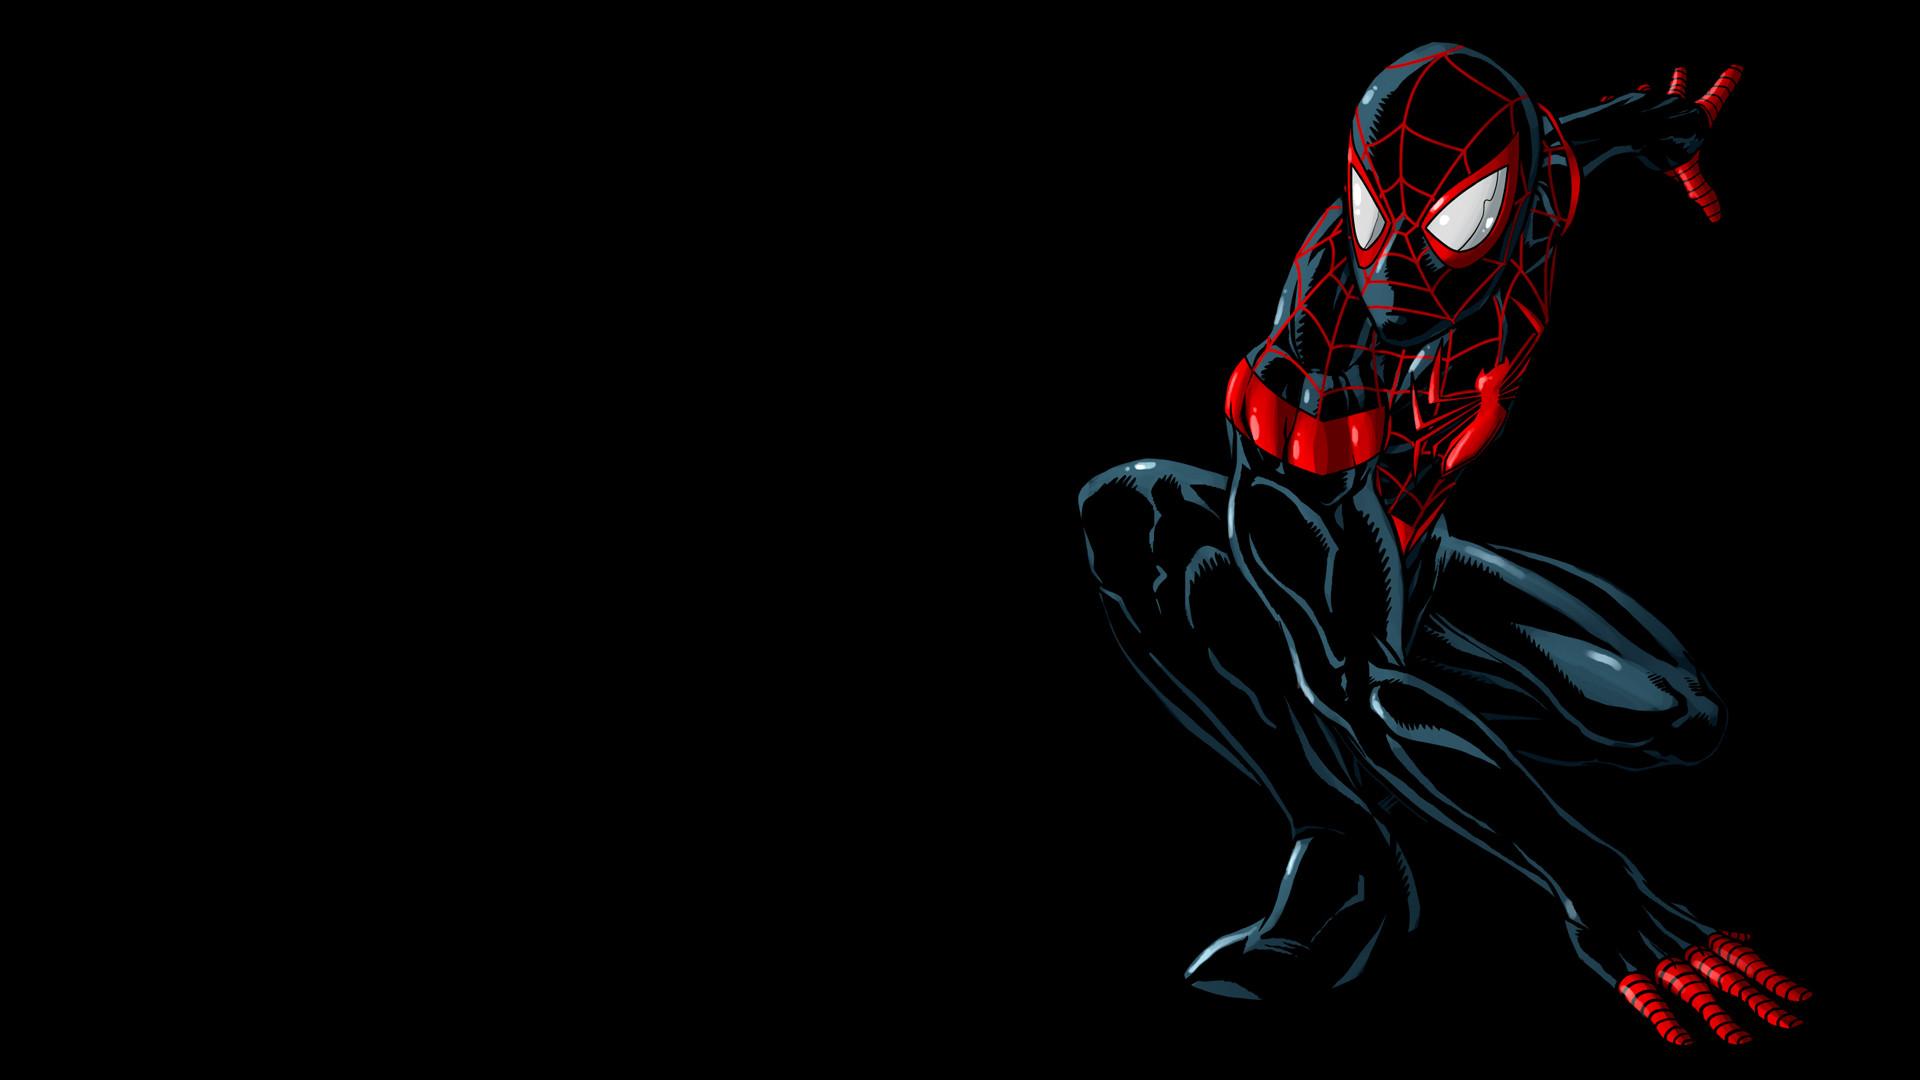 Club America Wallpaper 3d Ultimate Spiderman Miles Morales Wallpaper